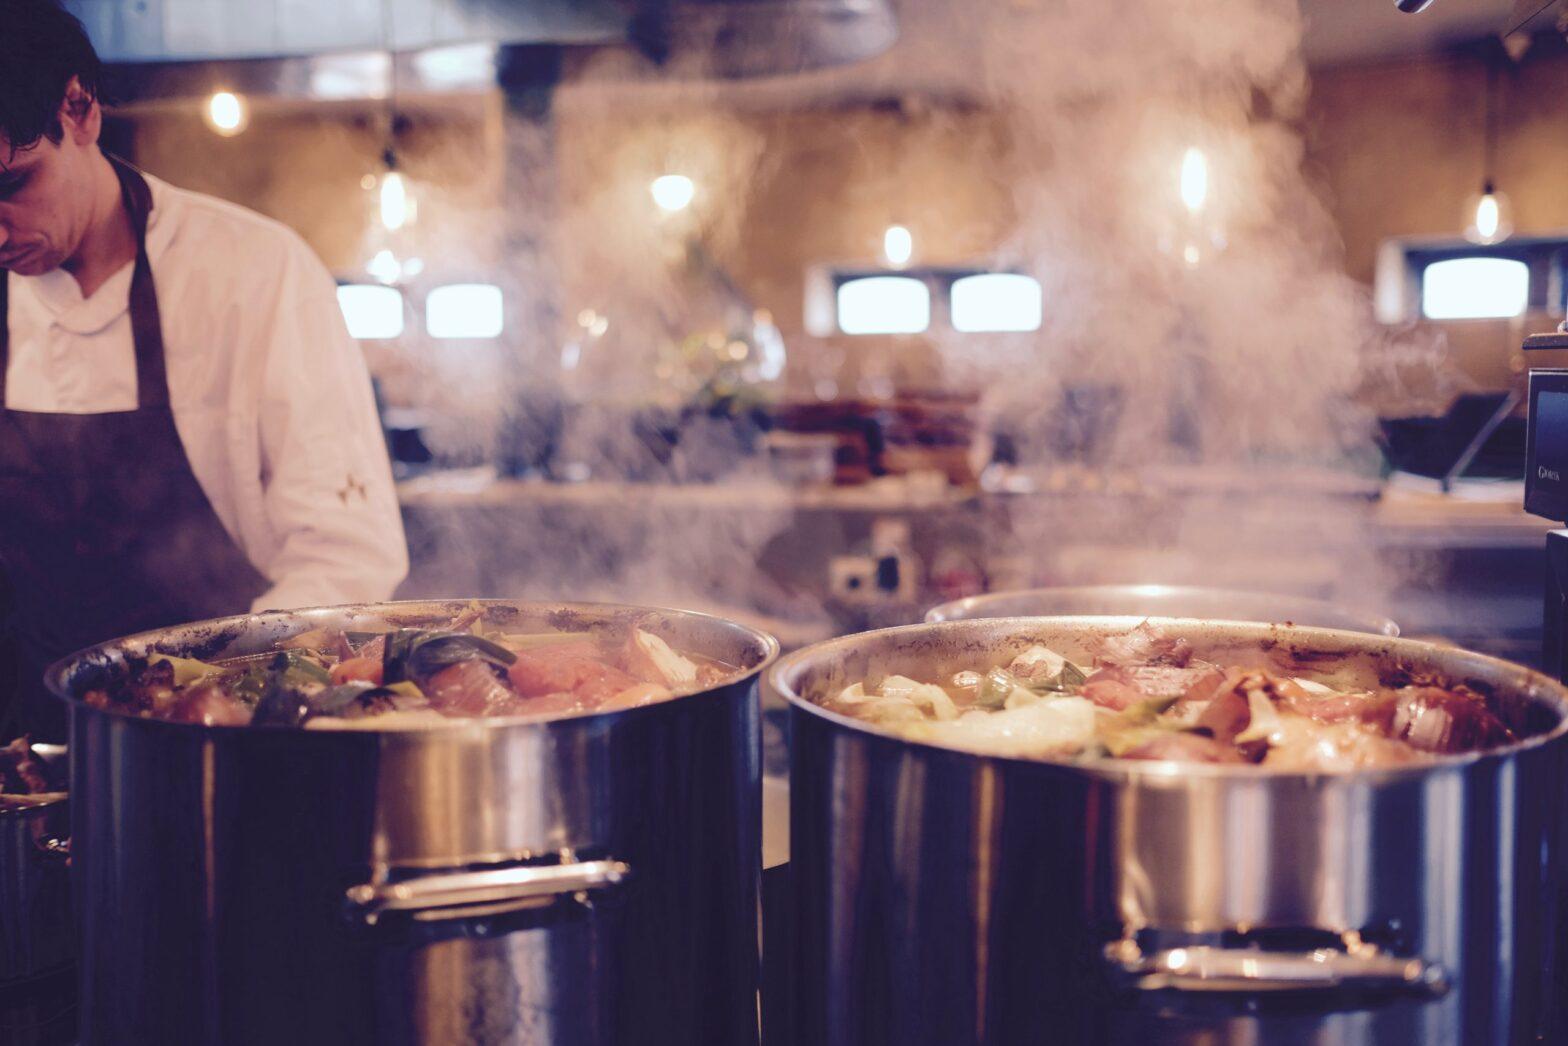 El sector hospitality tiene grandes oportunidades de exportar al mundo. Foto: StockSnap